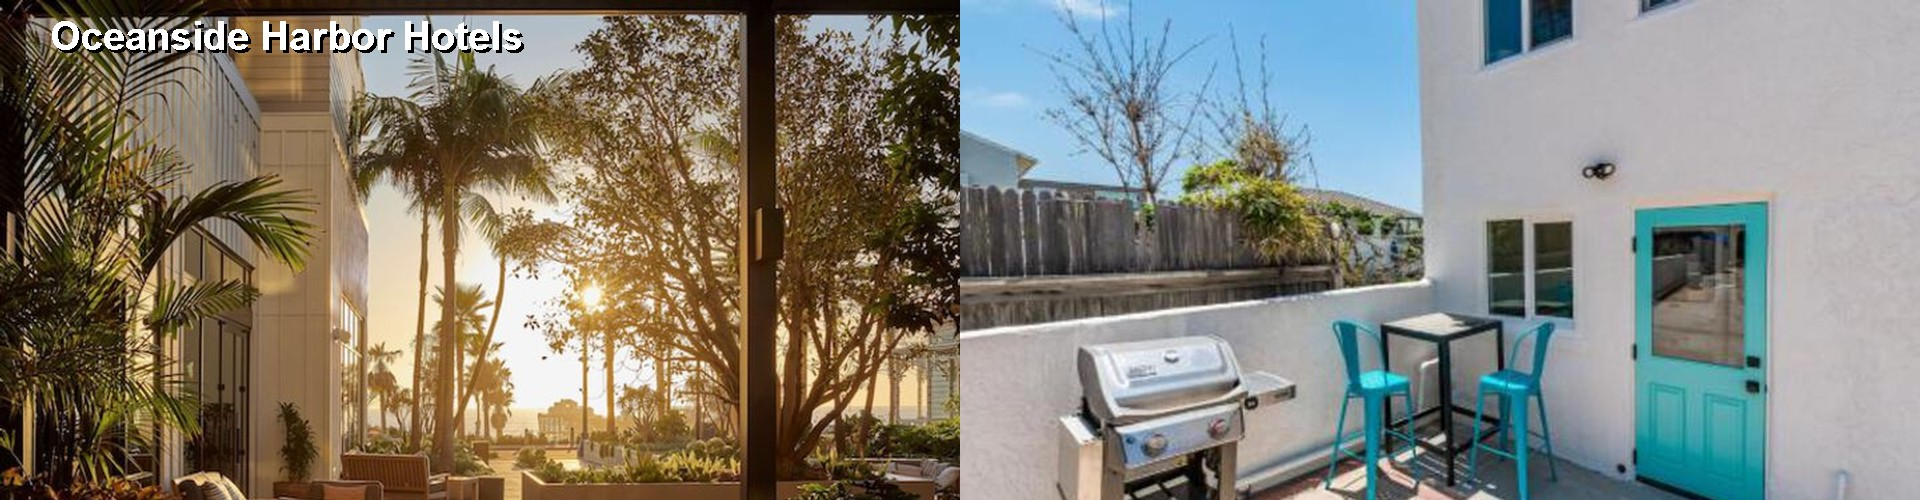 5 Best Hotels Near Oceanside Harbor